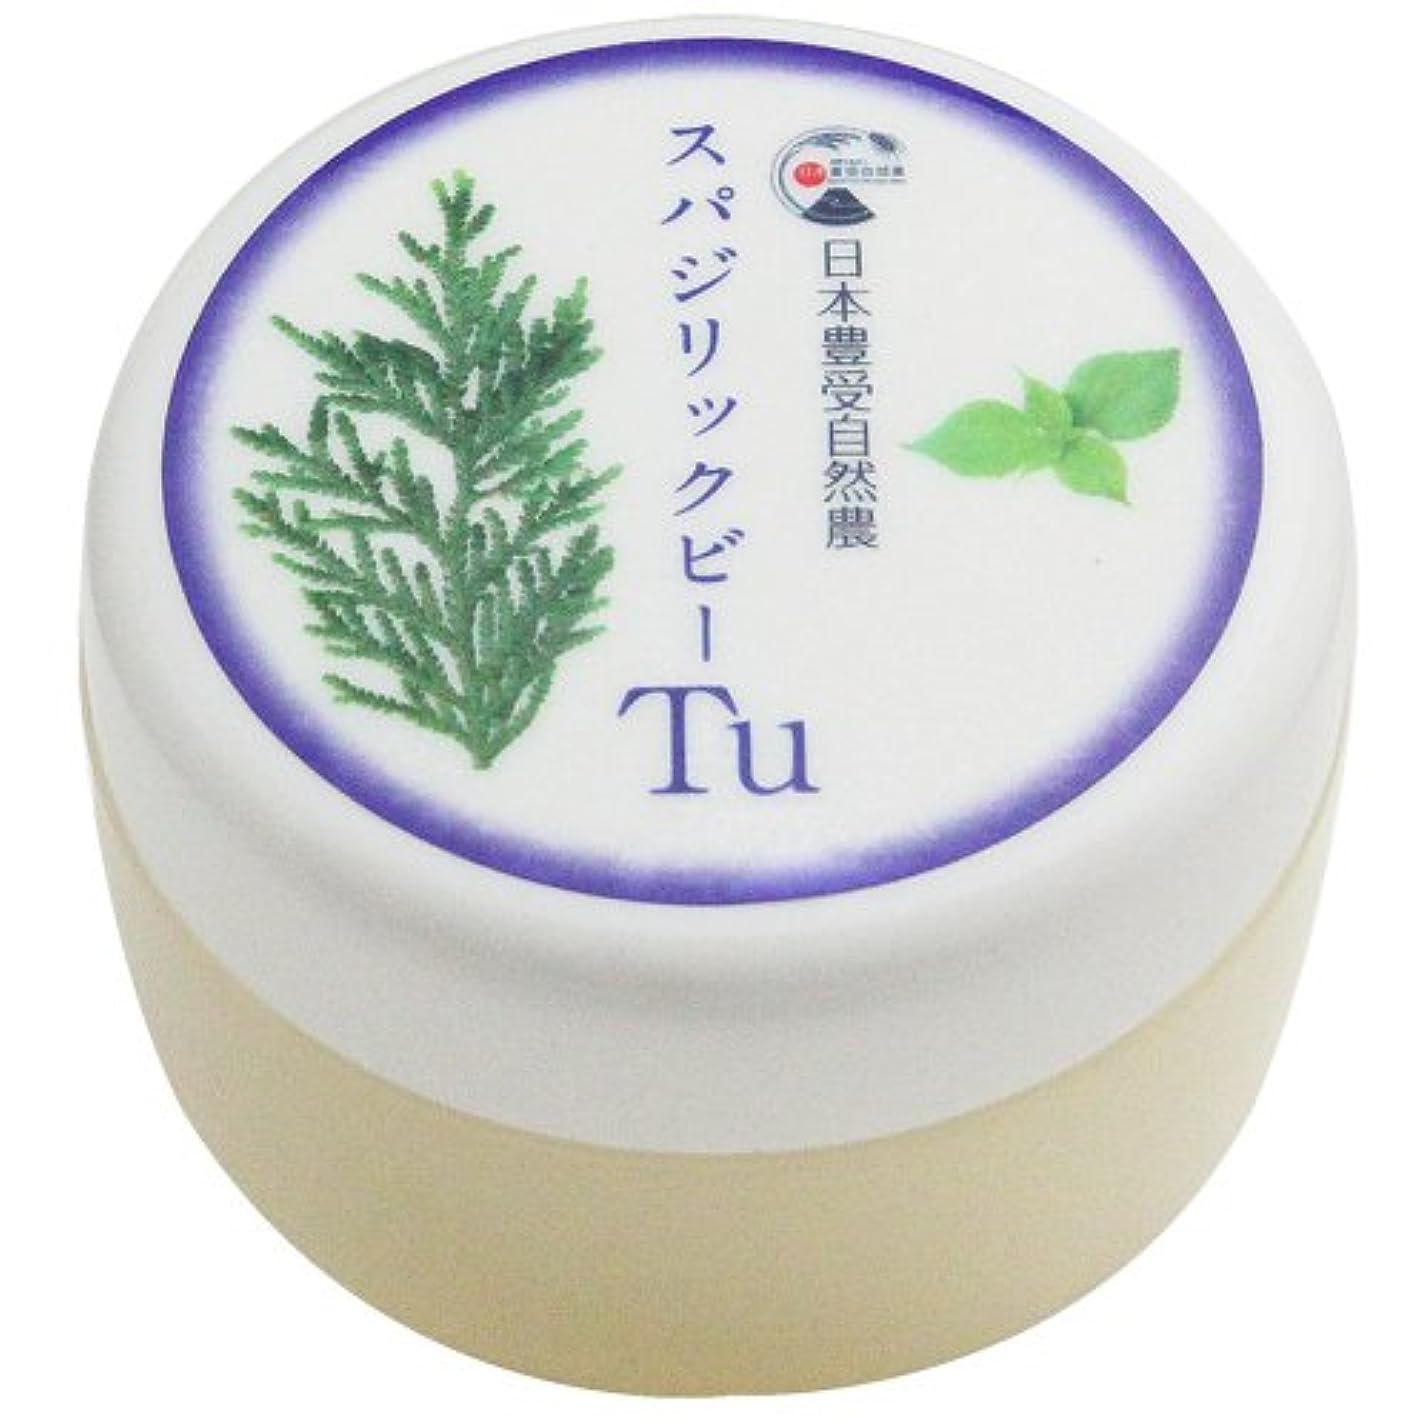 ナイロン愛する決定日本豊受自然農 スパジリック ビーTu(特大) 135g